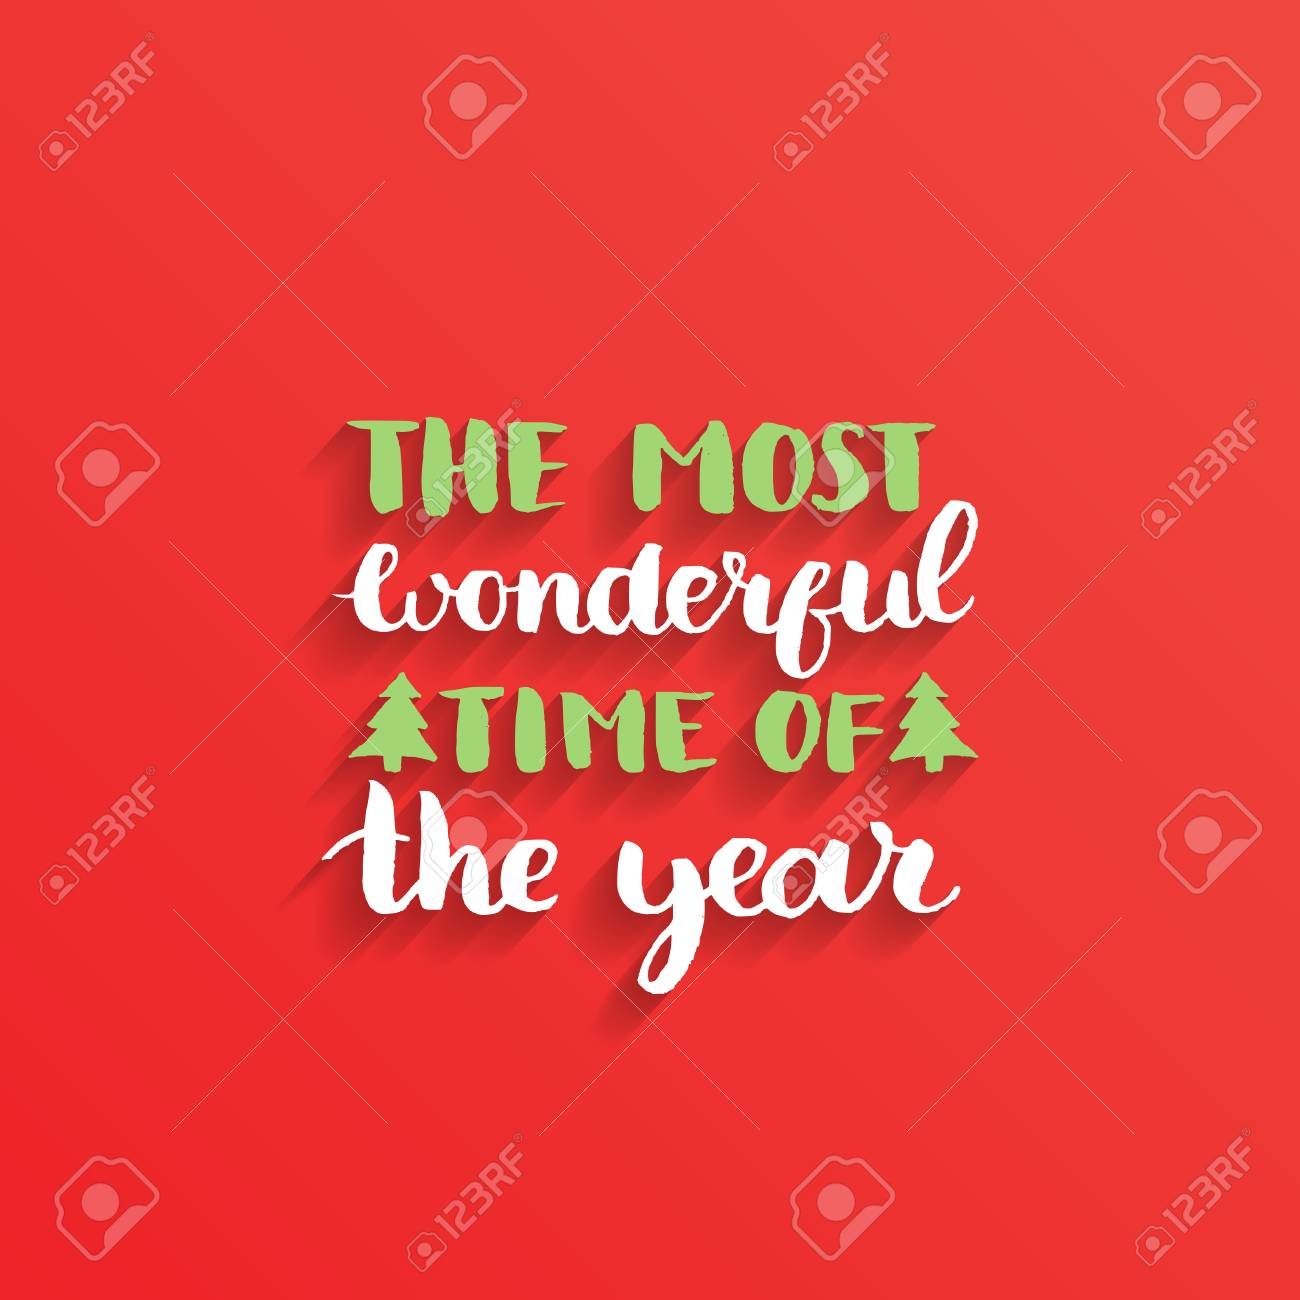 El diseño de letras del tiempo más maravilloso del año sobre fondo rojo   Vector de Navidad o año nuevo tipografía